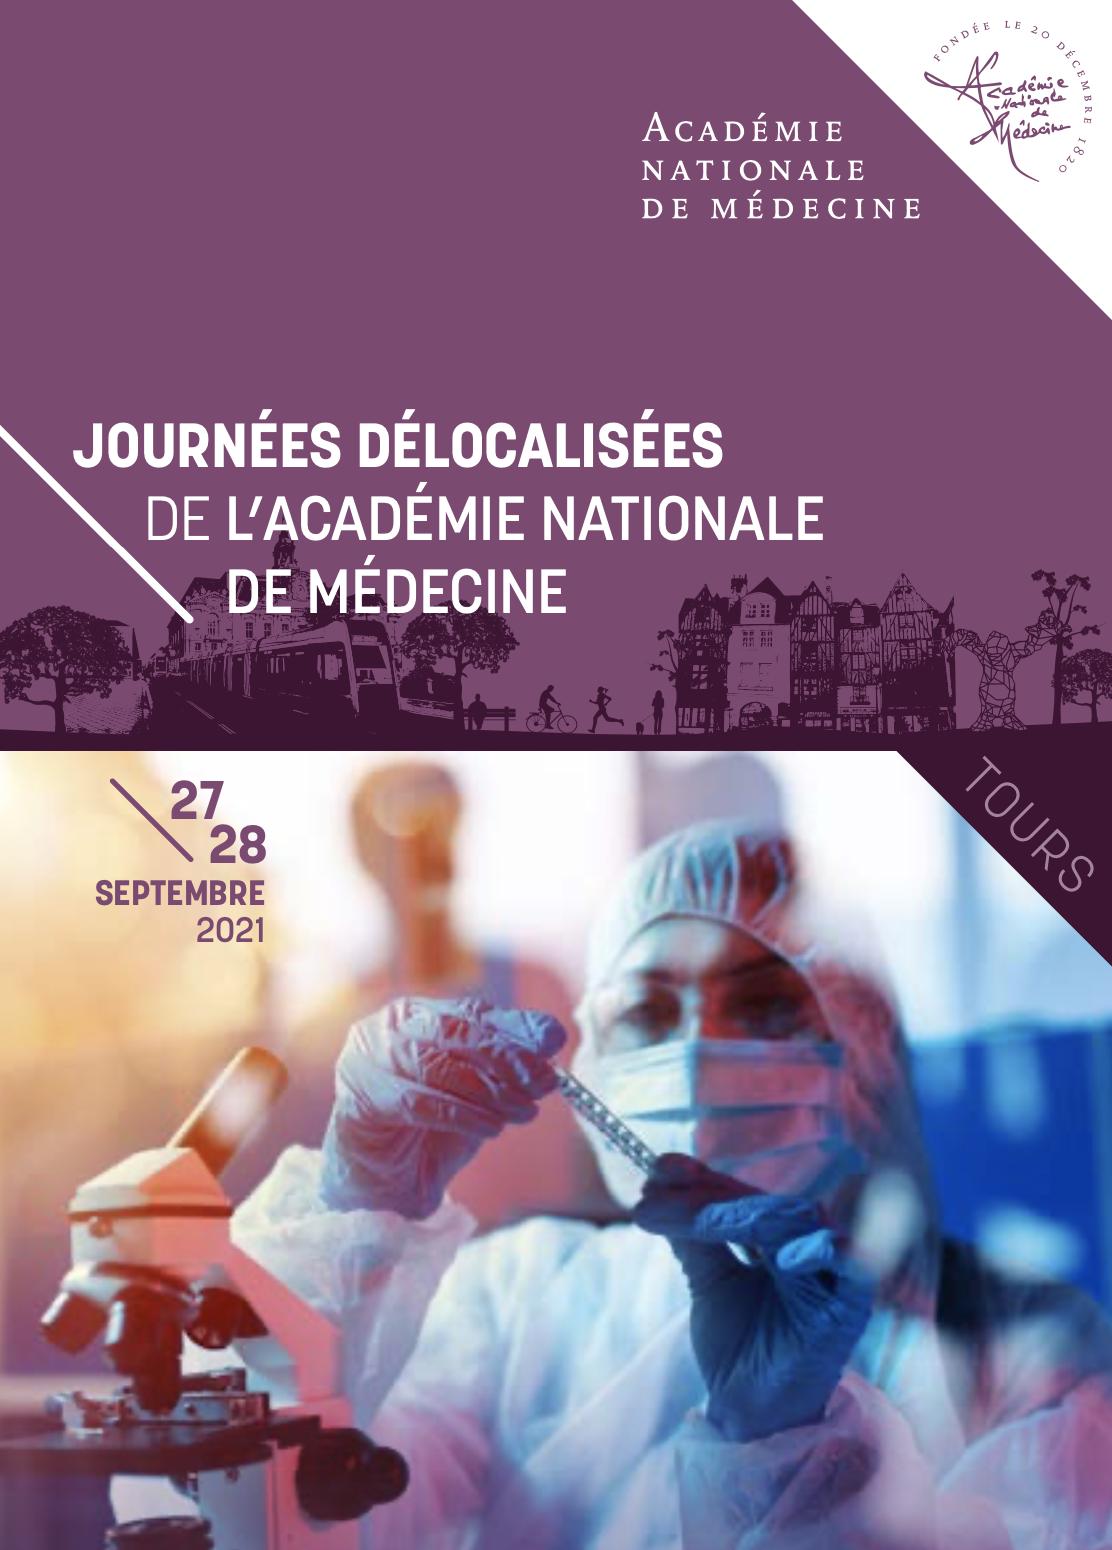 Journées délocalisées de l'Académie Nationale de Médecine